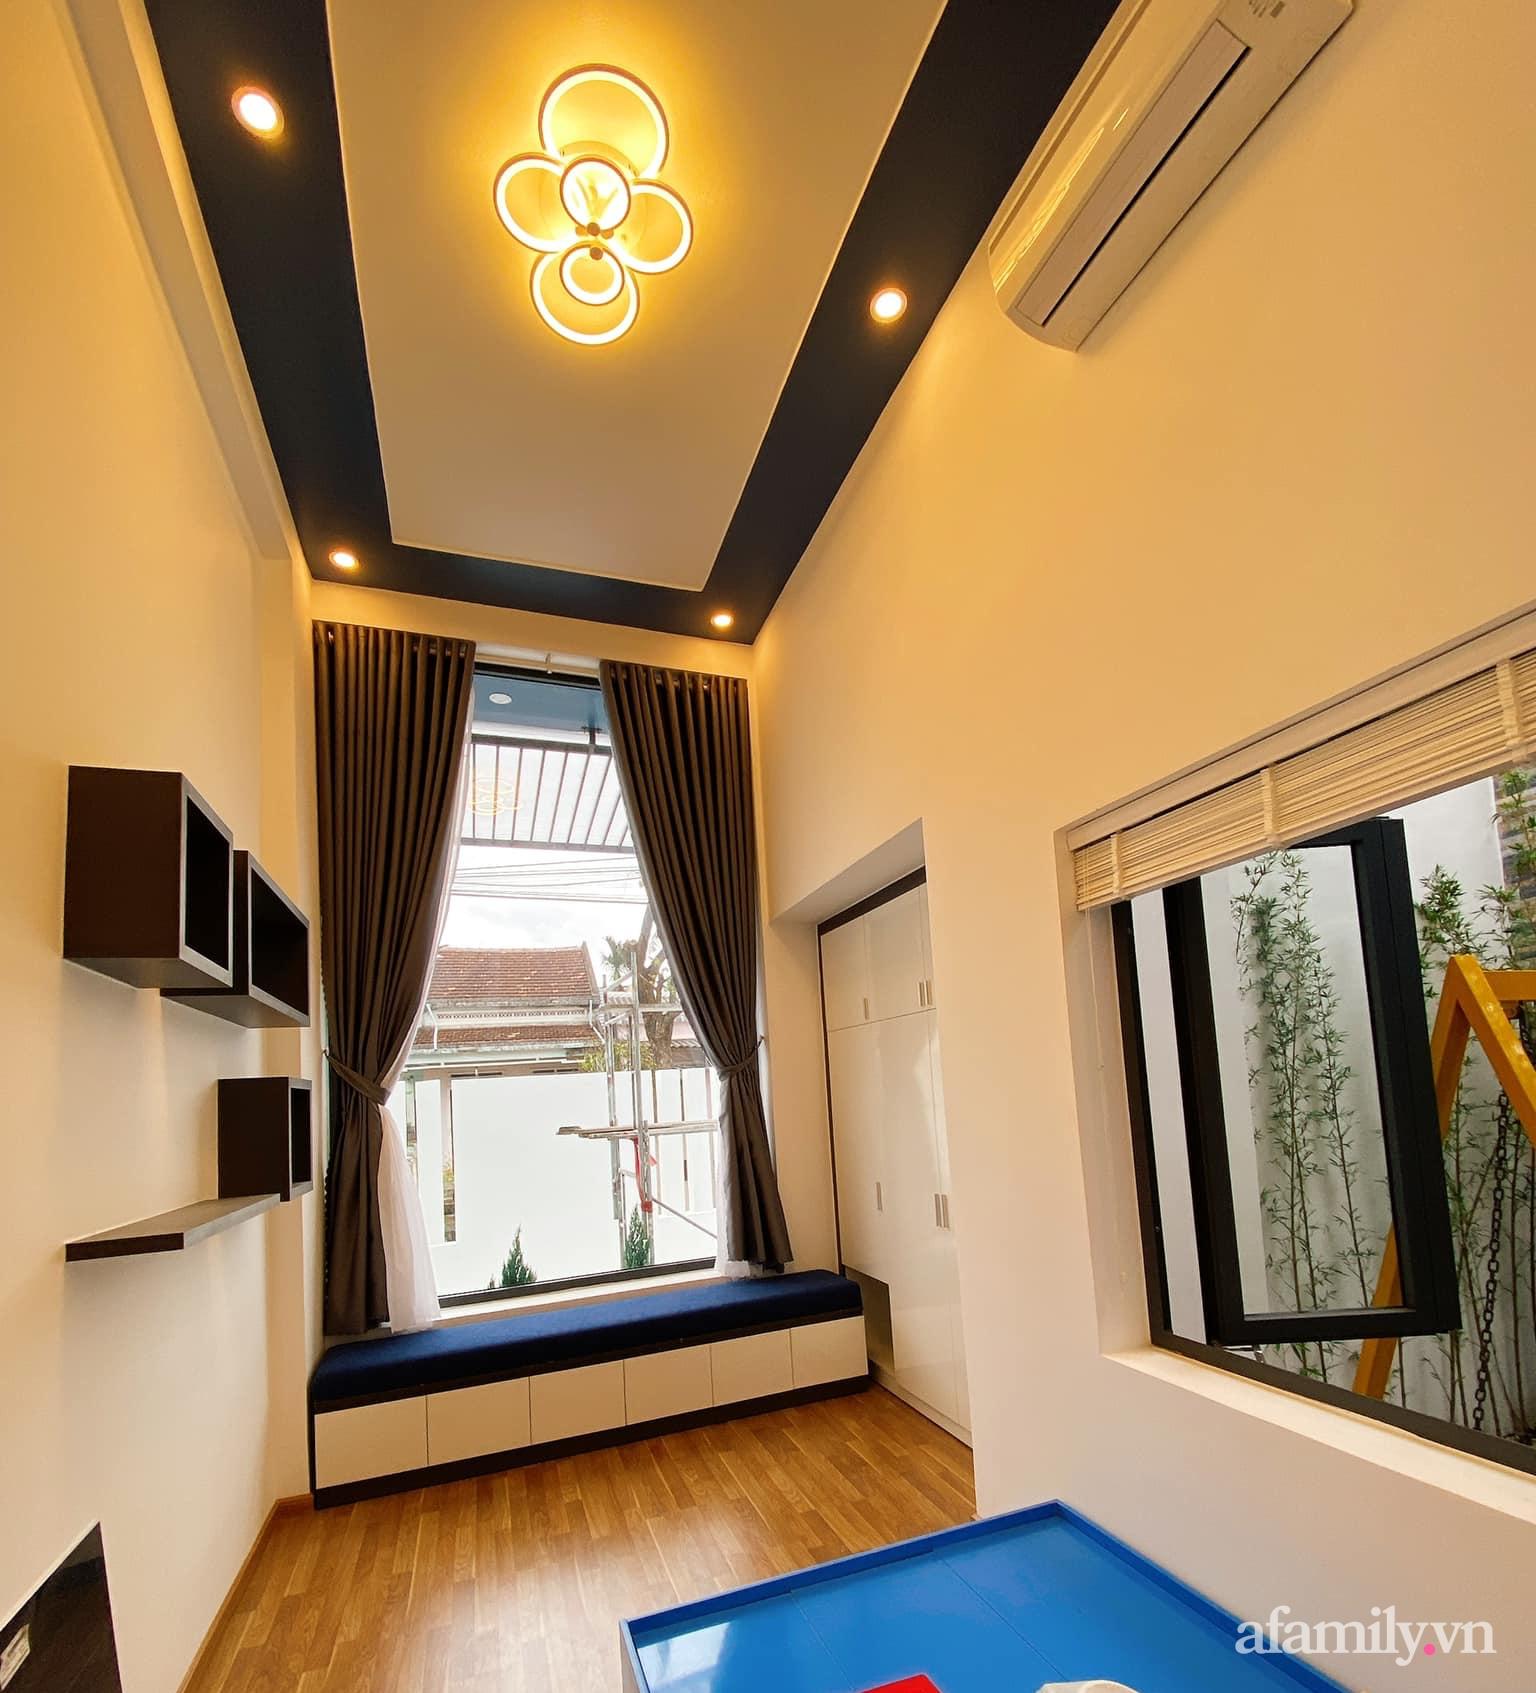 Nhà cấp 4 đầy đủ chức năng hiện đại, tiện ích với tổng chi phí hơn 1 tỷ của gia đình trẻ ở Quảng Ngãi - Ảnh 17.